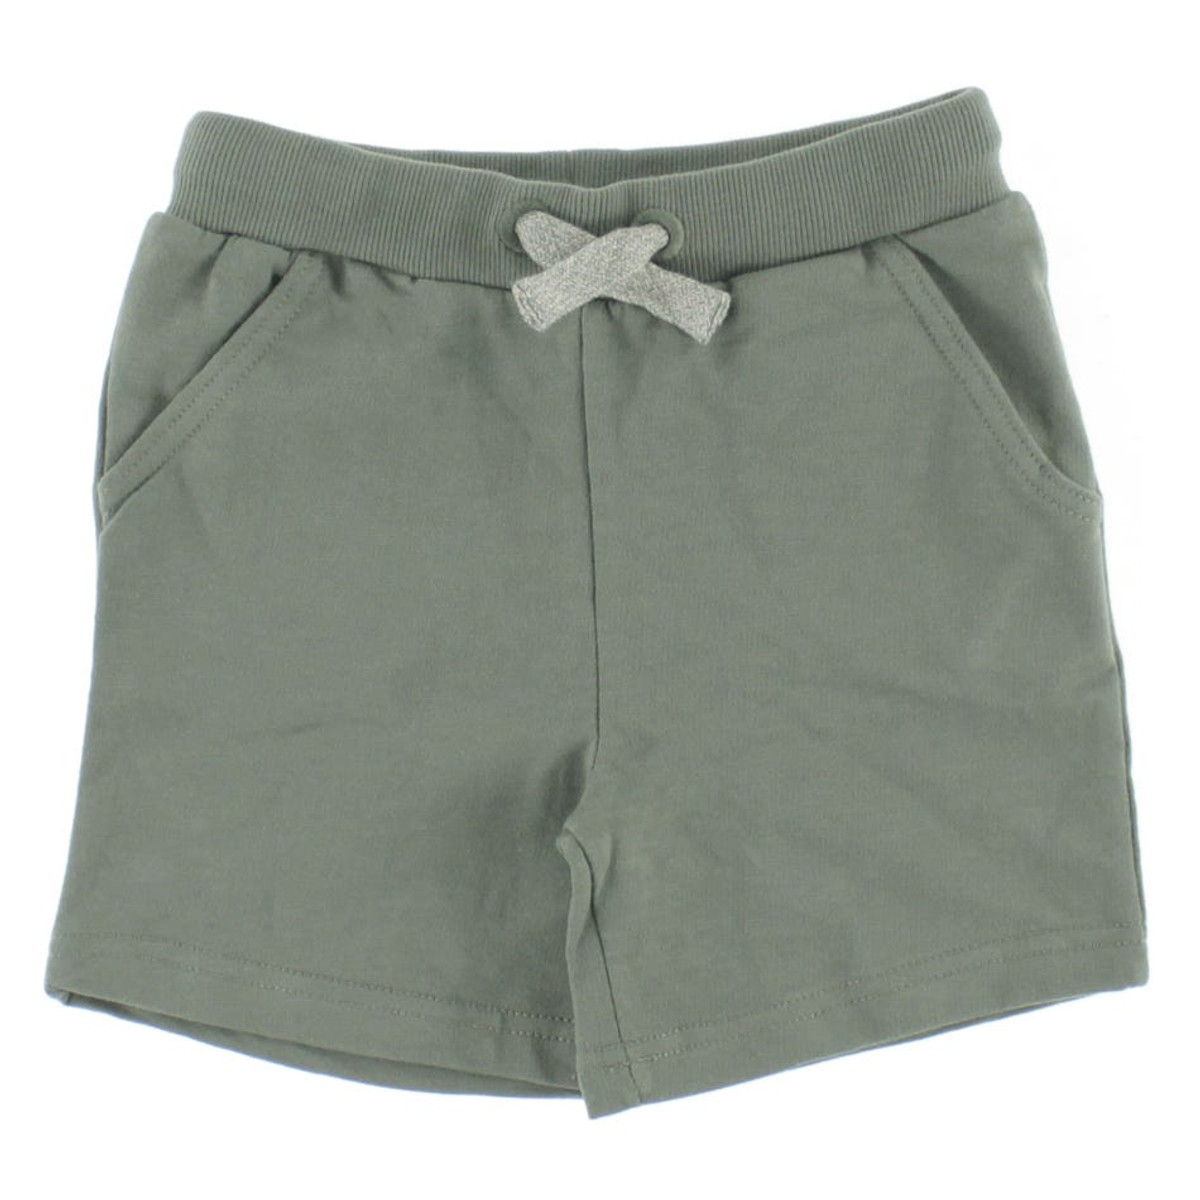 Minymo   Shorts   12m-10y   131440-9806